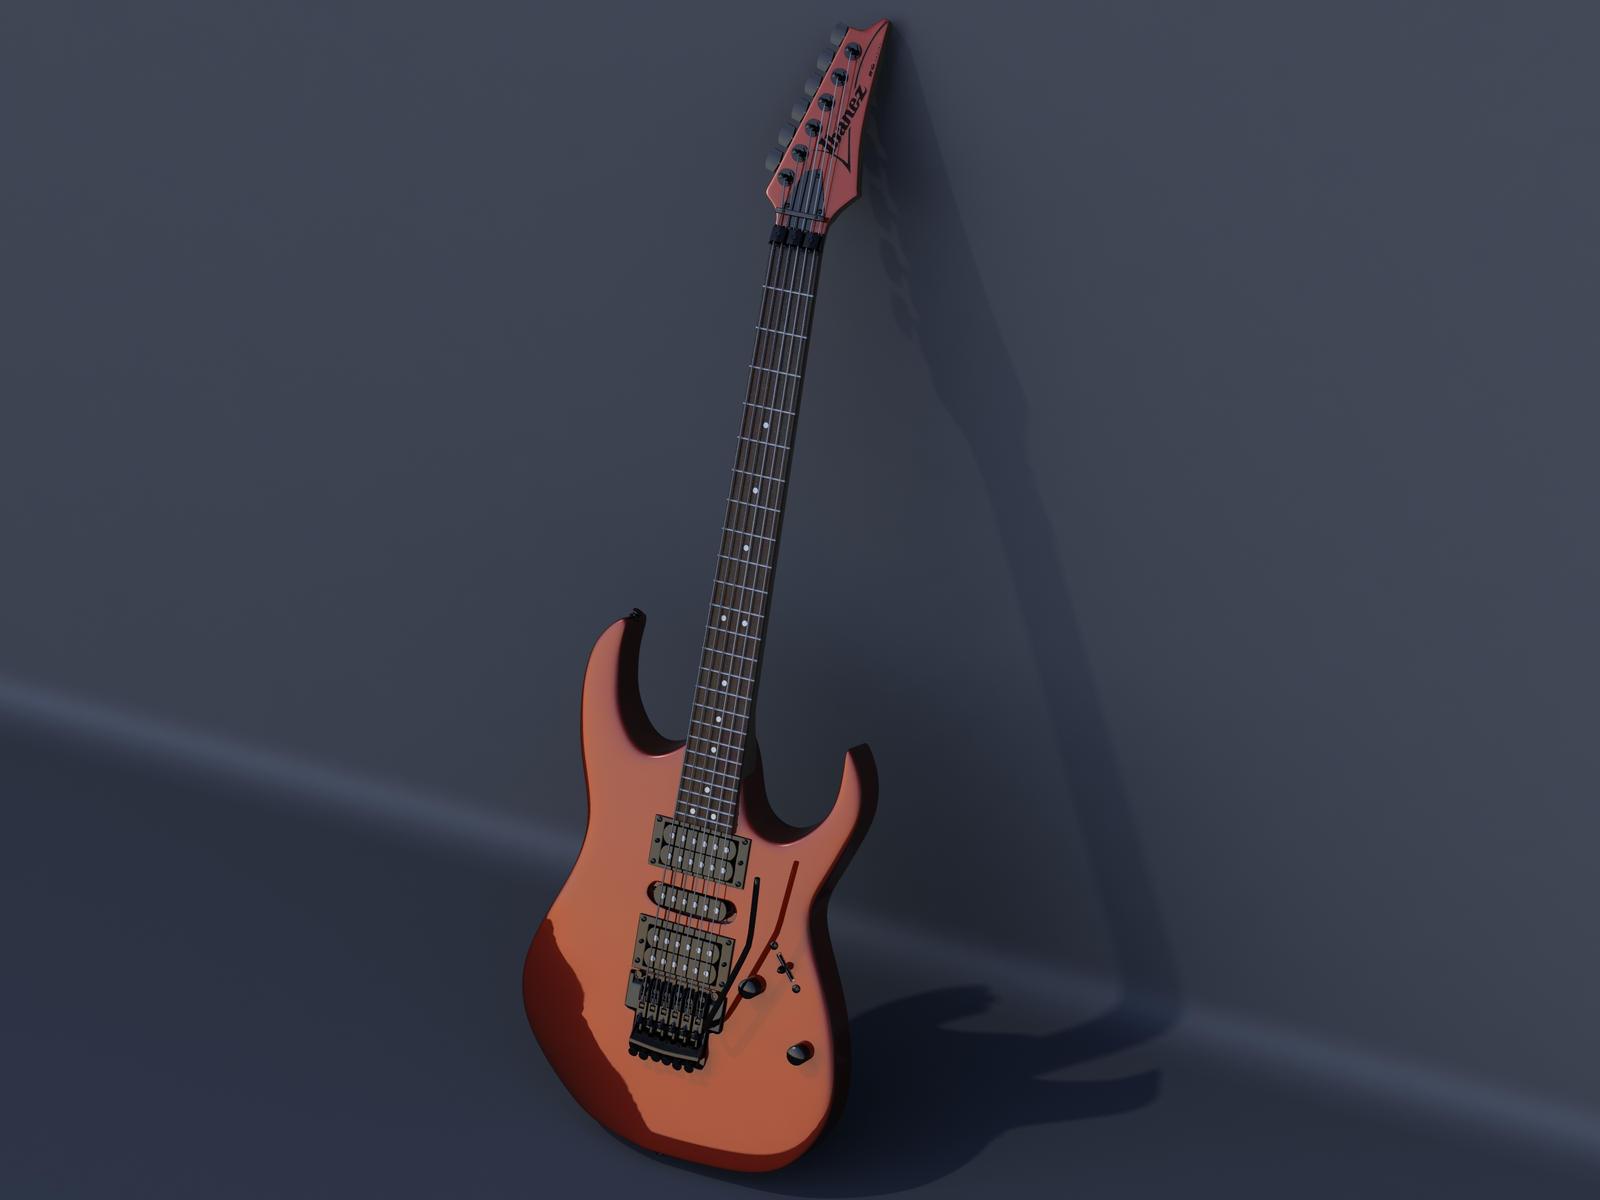 3d ibanez rg series guitar by goeol edhel on deviantart